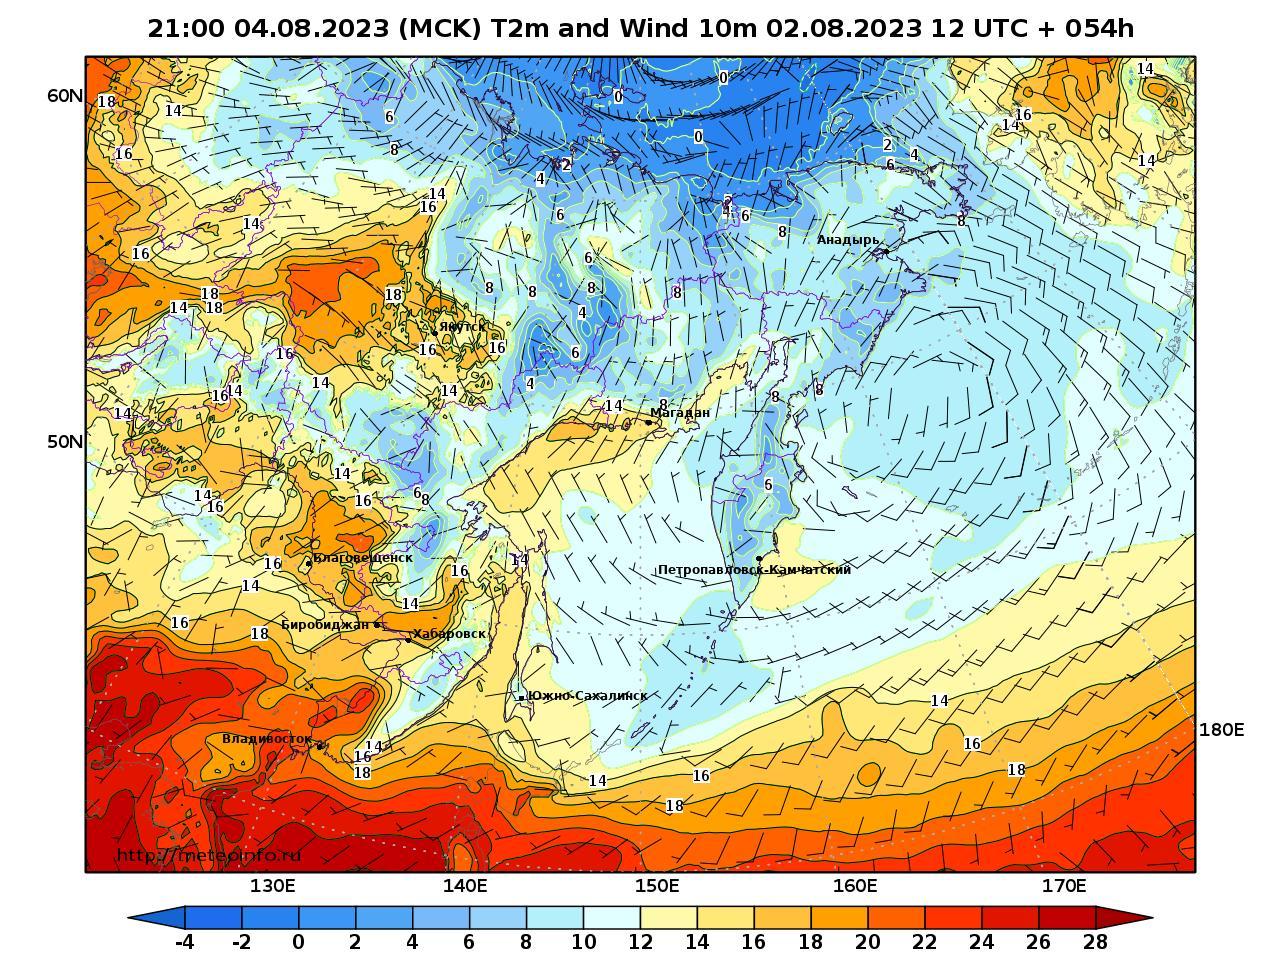 Дальний Восток, прогностическая карта приземная температура, заблаговременность прогноза 54 часа